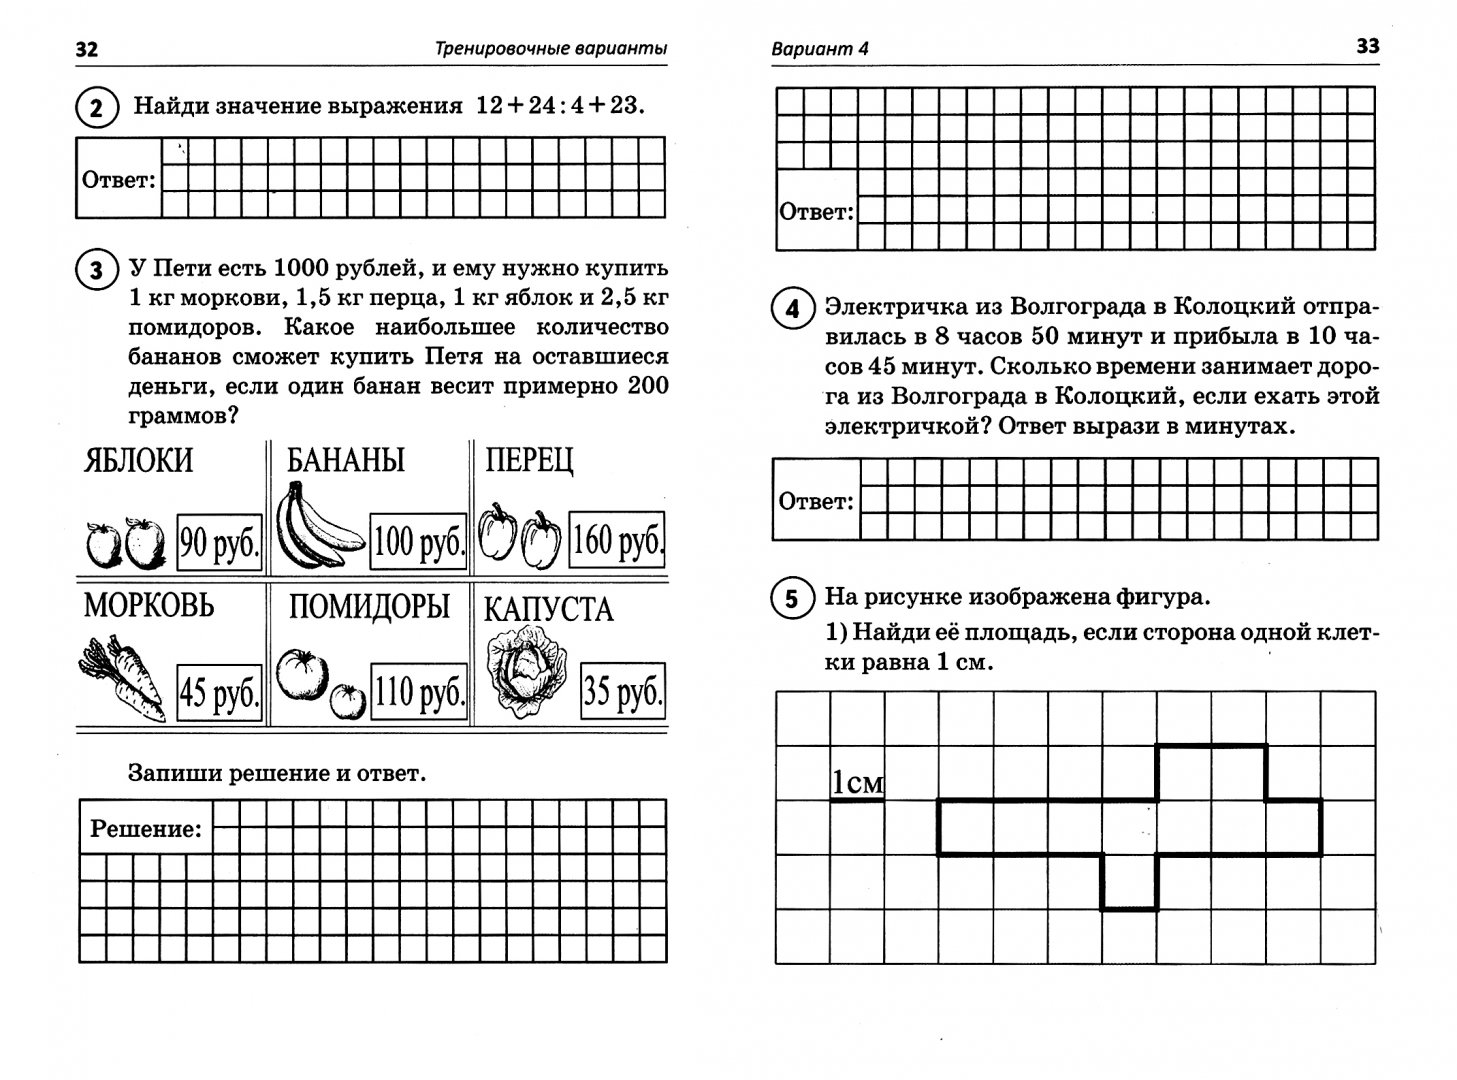 Иллюстрация 1 из 2 для ВПР. Математика. 4 класс (+ ответы) - Мальцев, Мальцев | Лабиринт - книги. Источник: Лабиринт